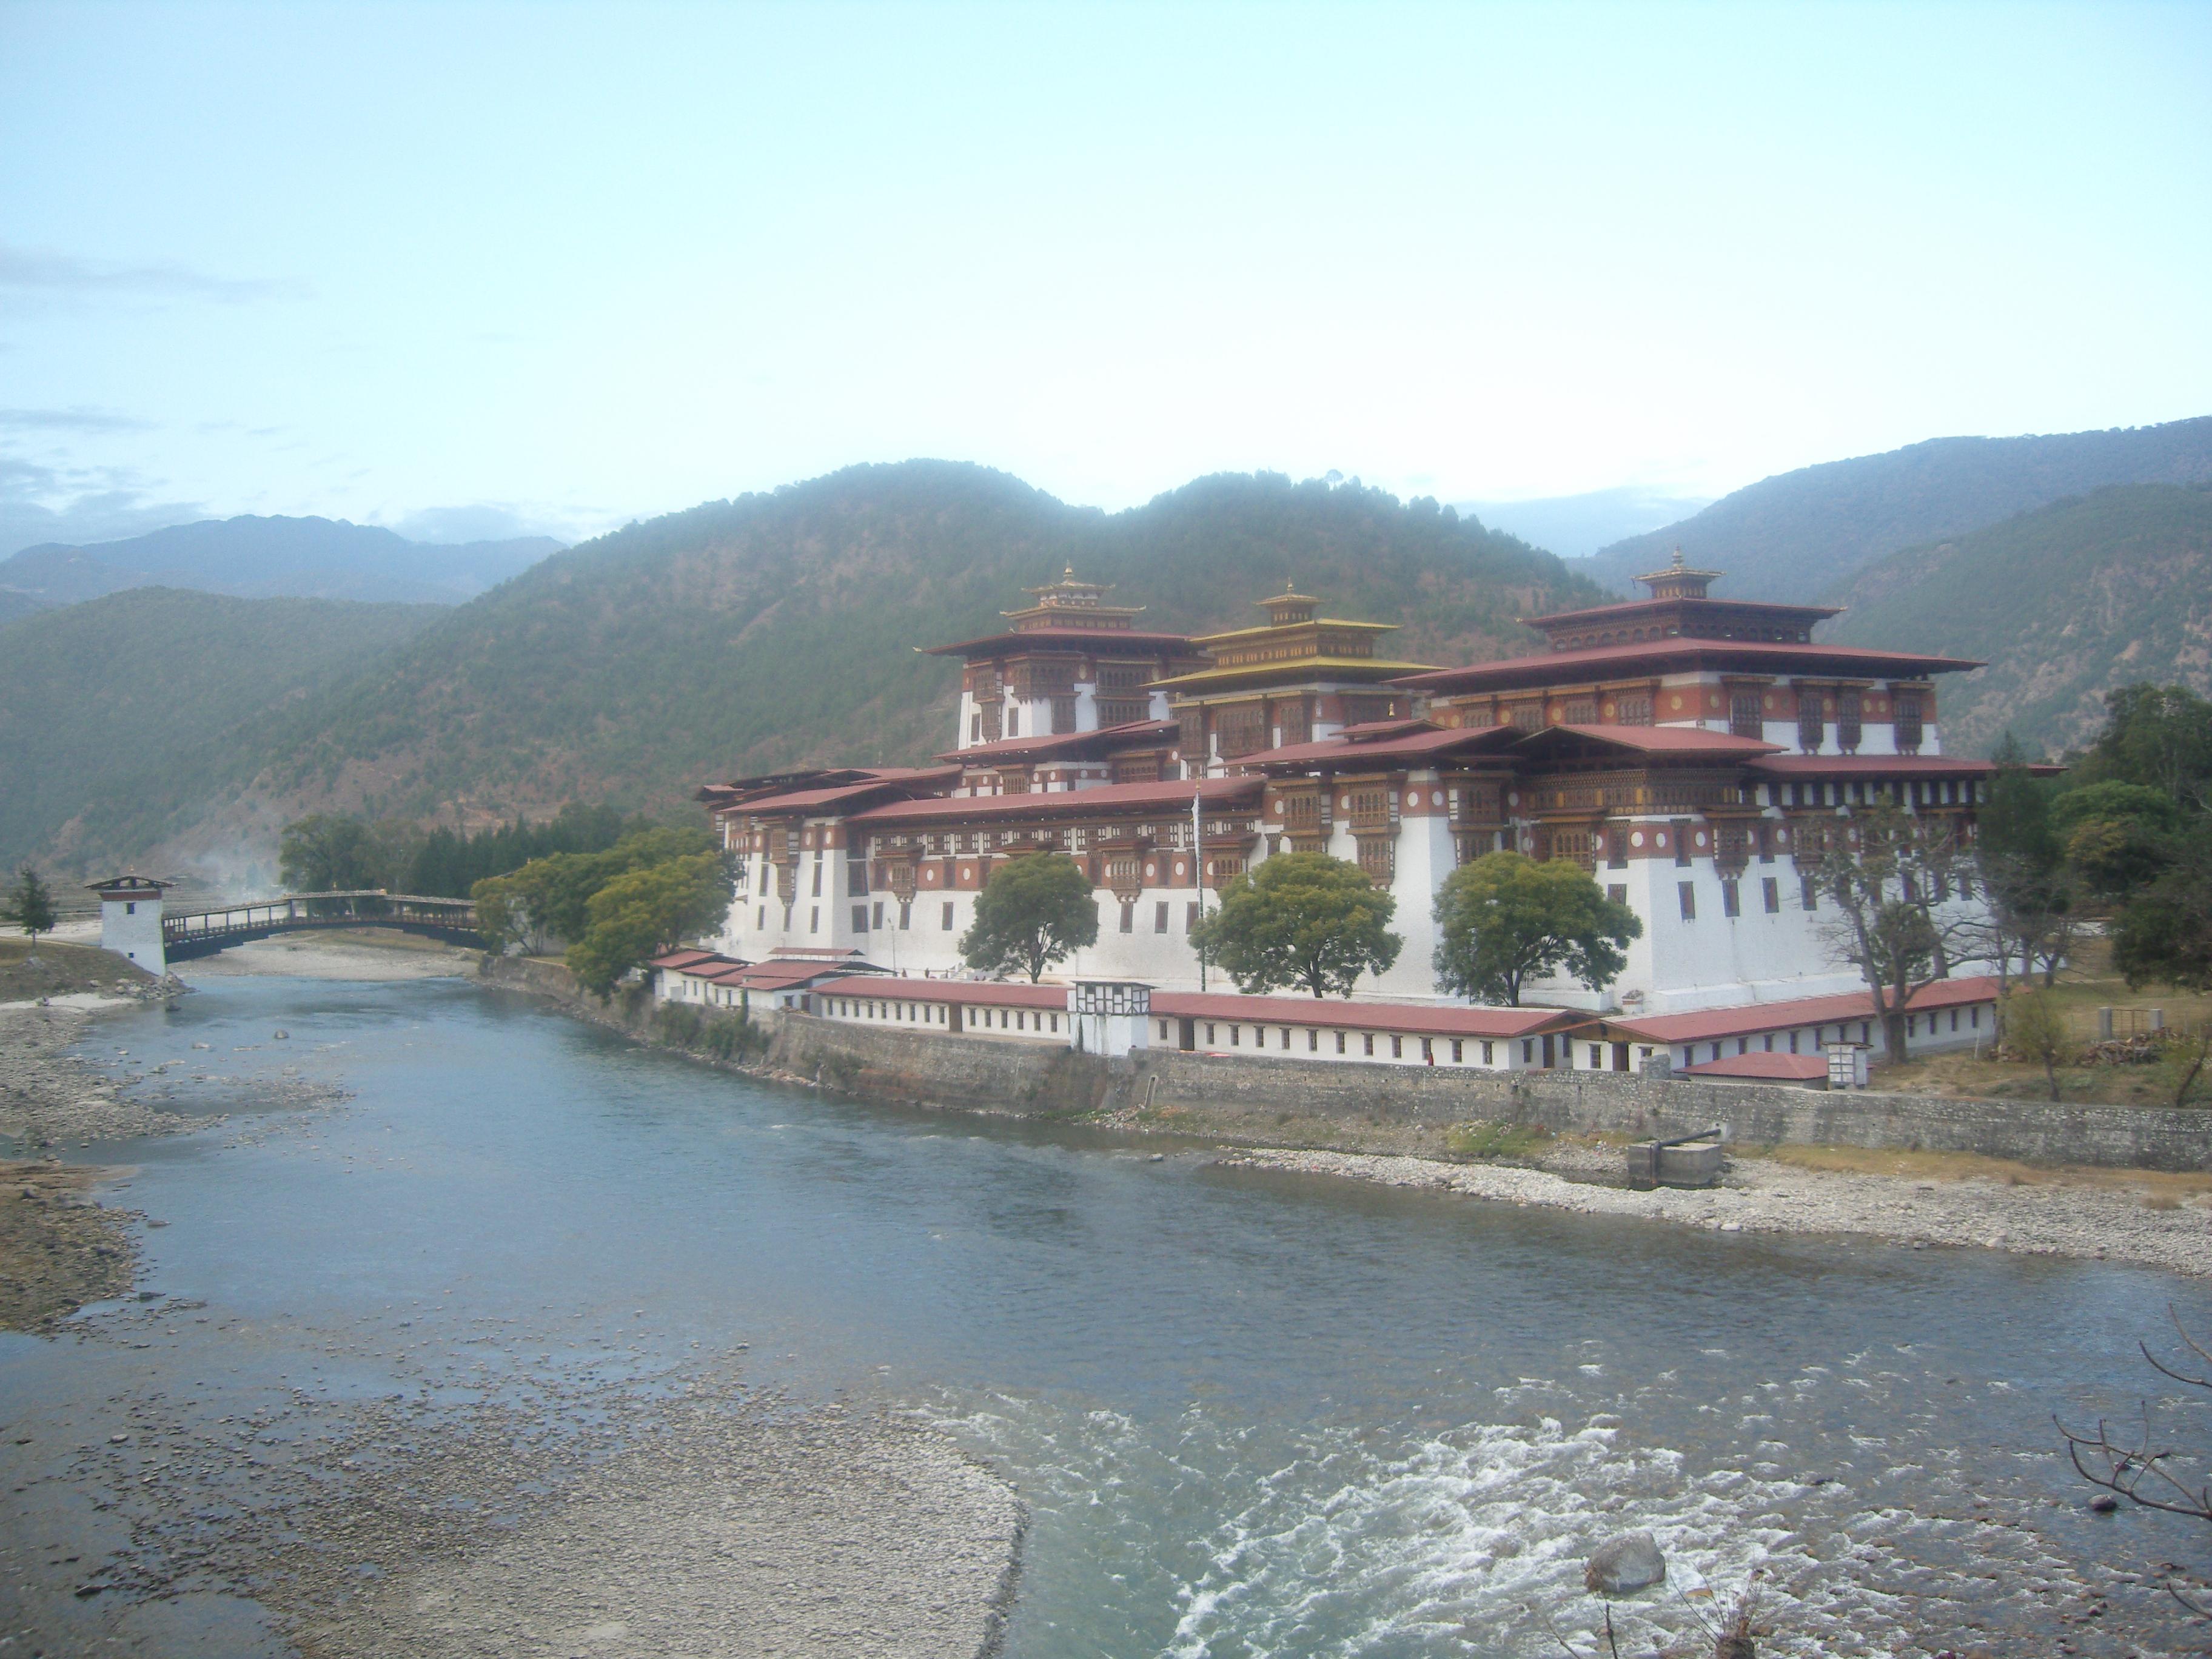 Wyprawa: Chiny, Tybet, Nepal, Bhutan, Indie